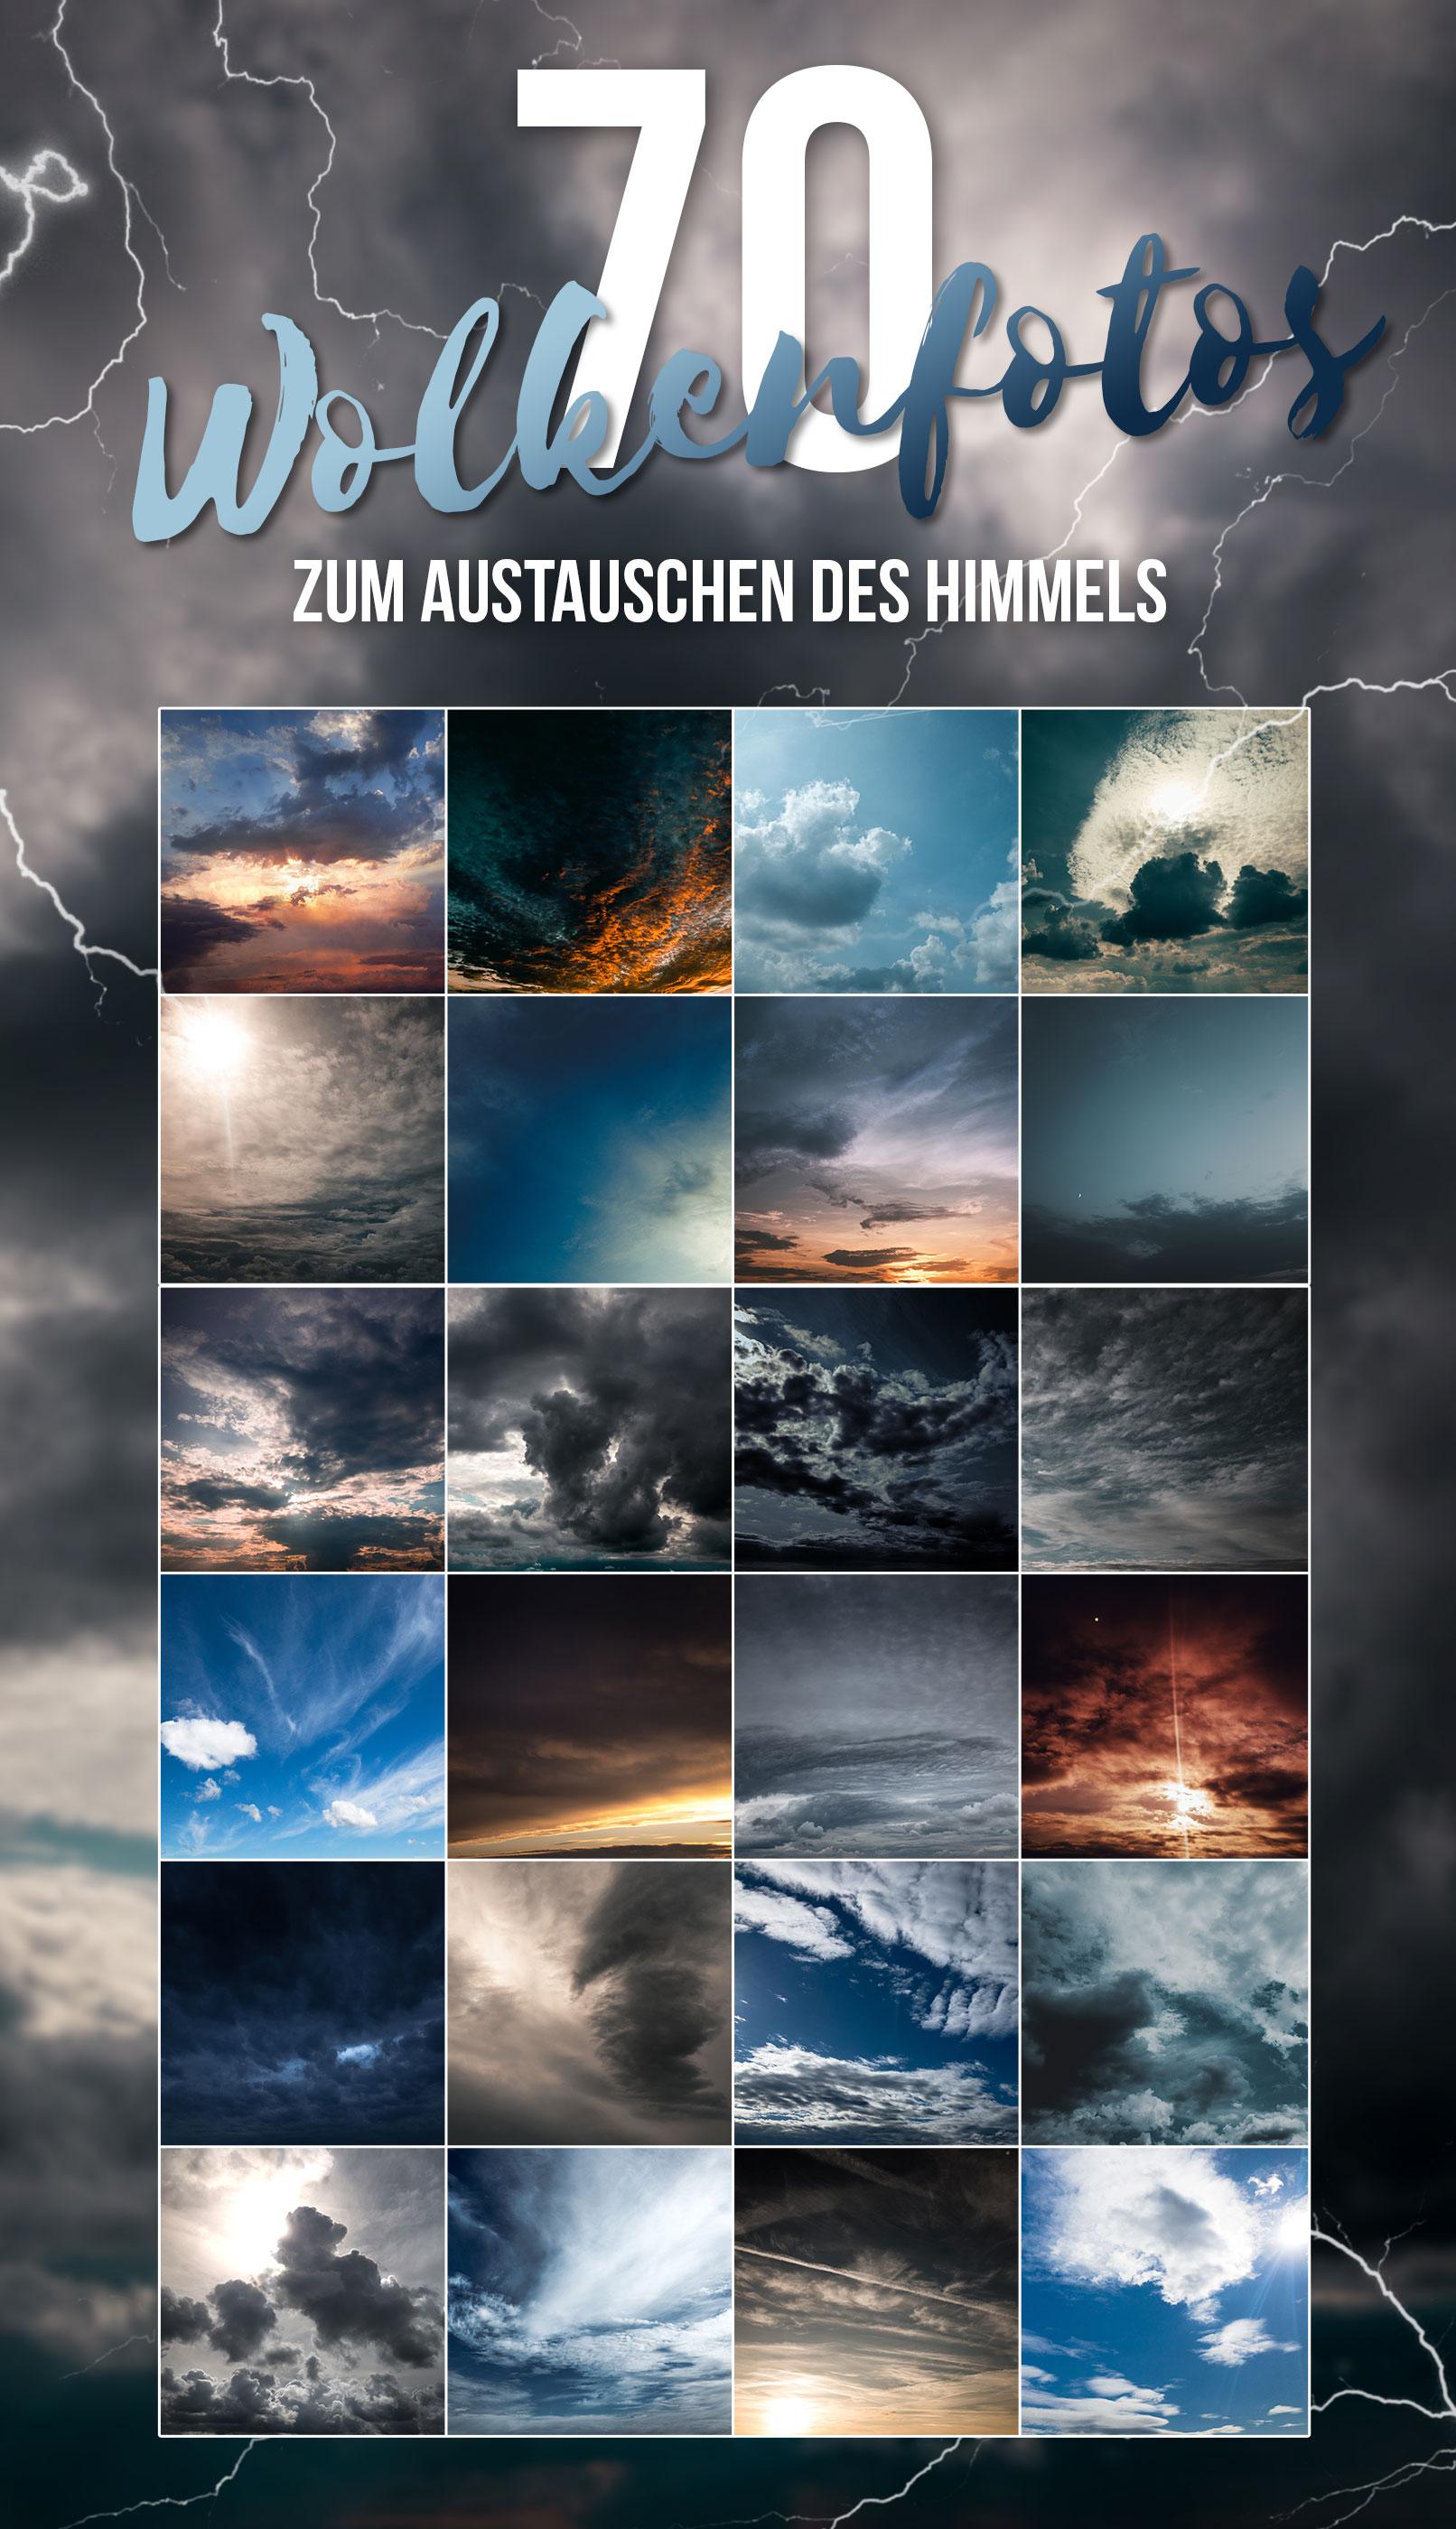 Wolkenfotos zum Austauschen des Himmels und für den Hintergrund